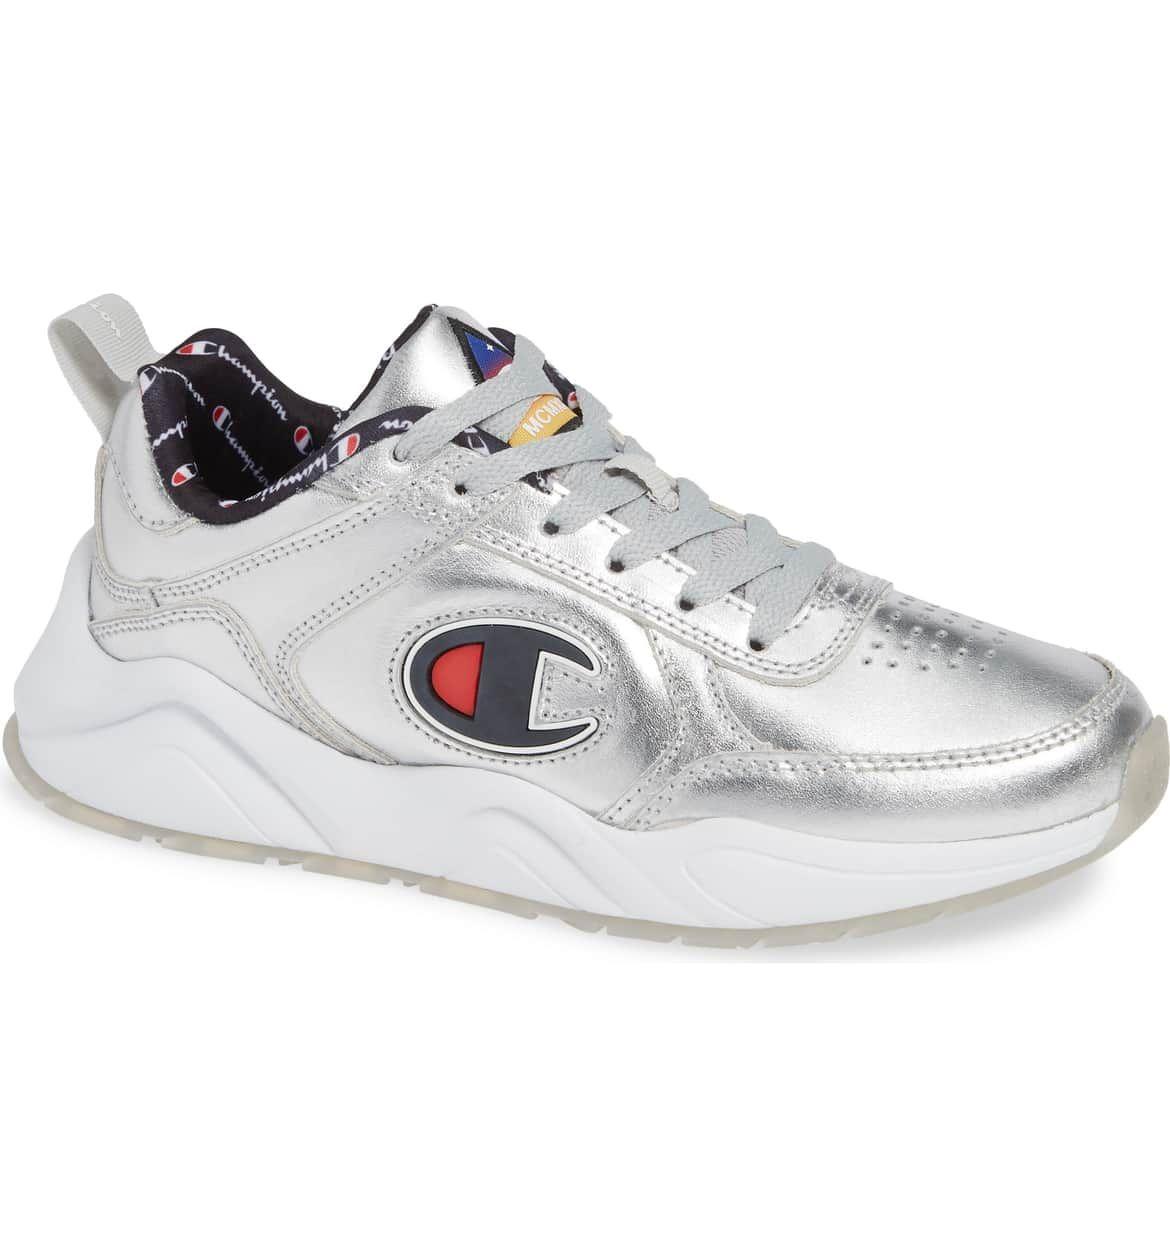 482bee01b 93 Eighteen Metallic Sneaker